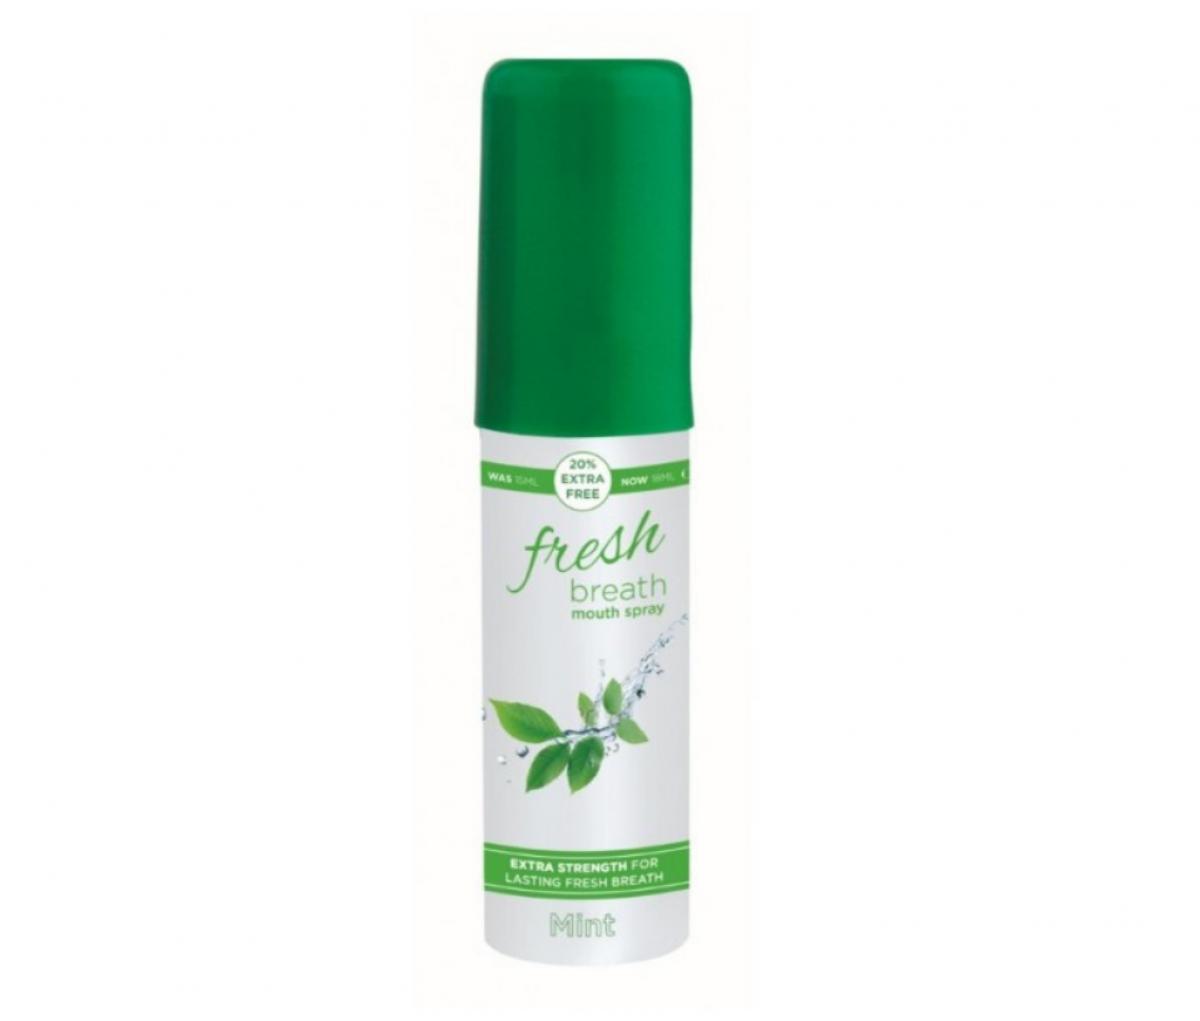 Fresh Breath Mouth Spray 18ml Pepper Mint